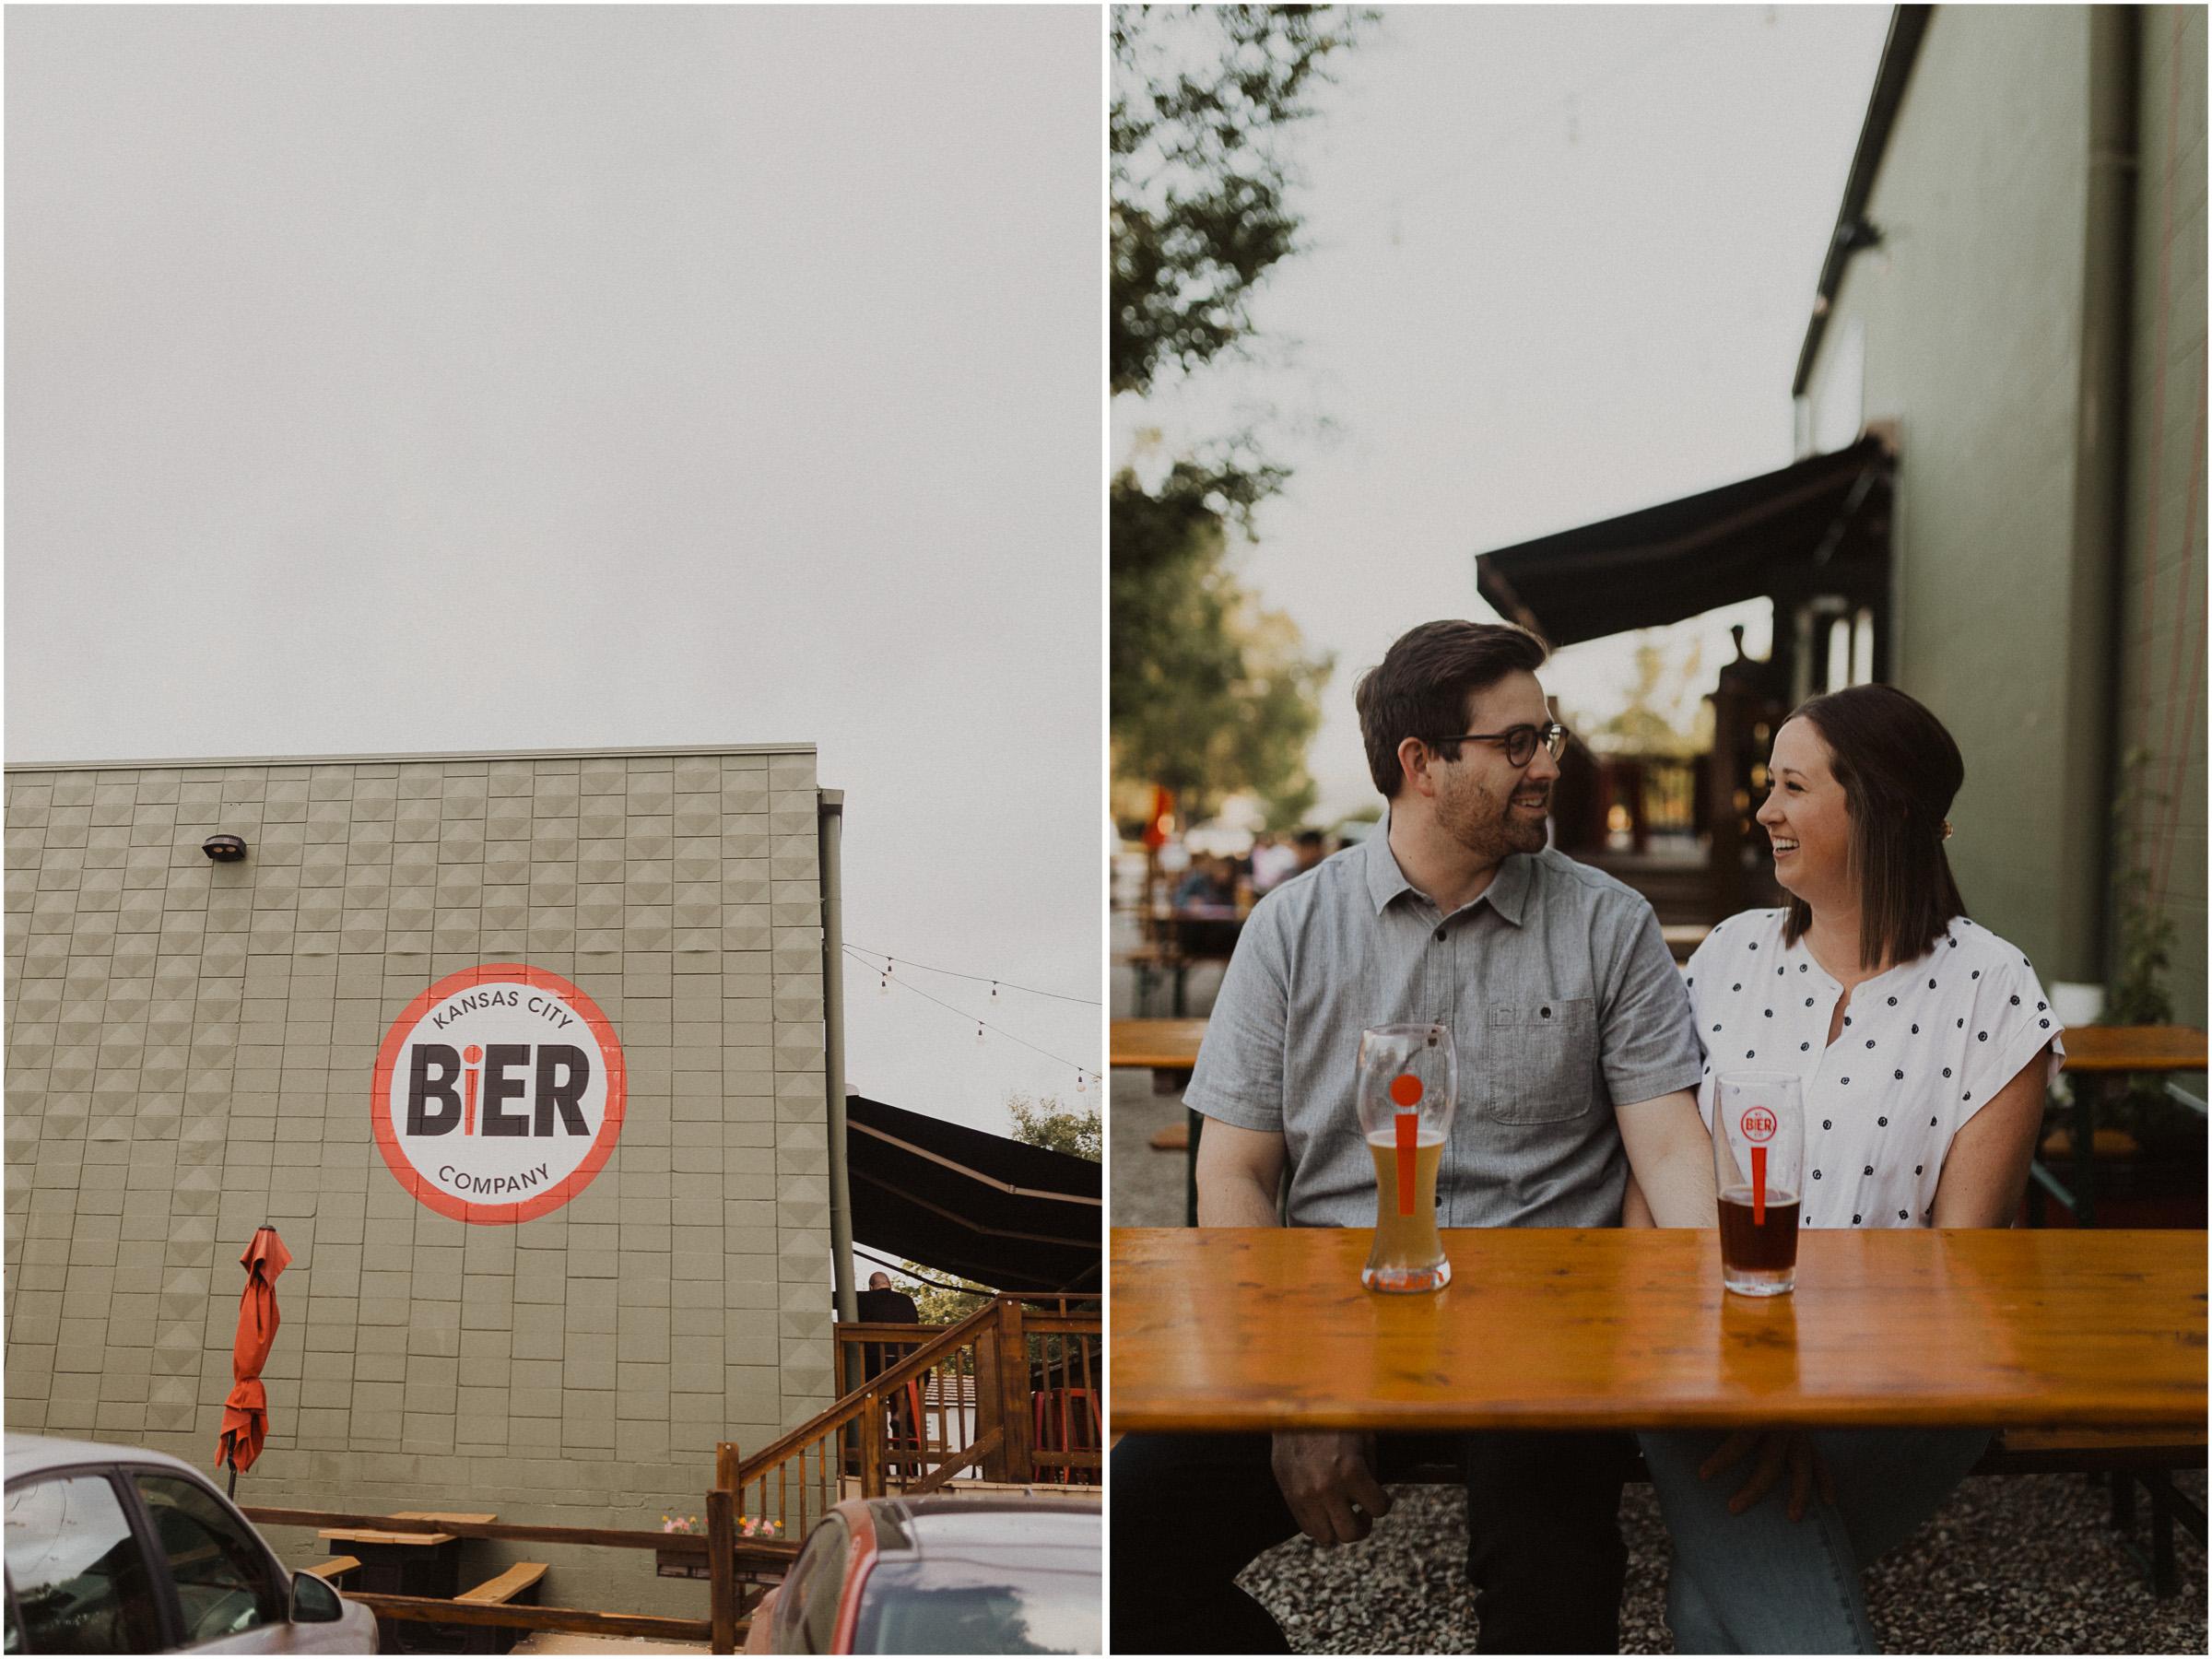 alyssa barletter photography kc bier co engagement photos kansas city summer photographer-2.jpg